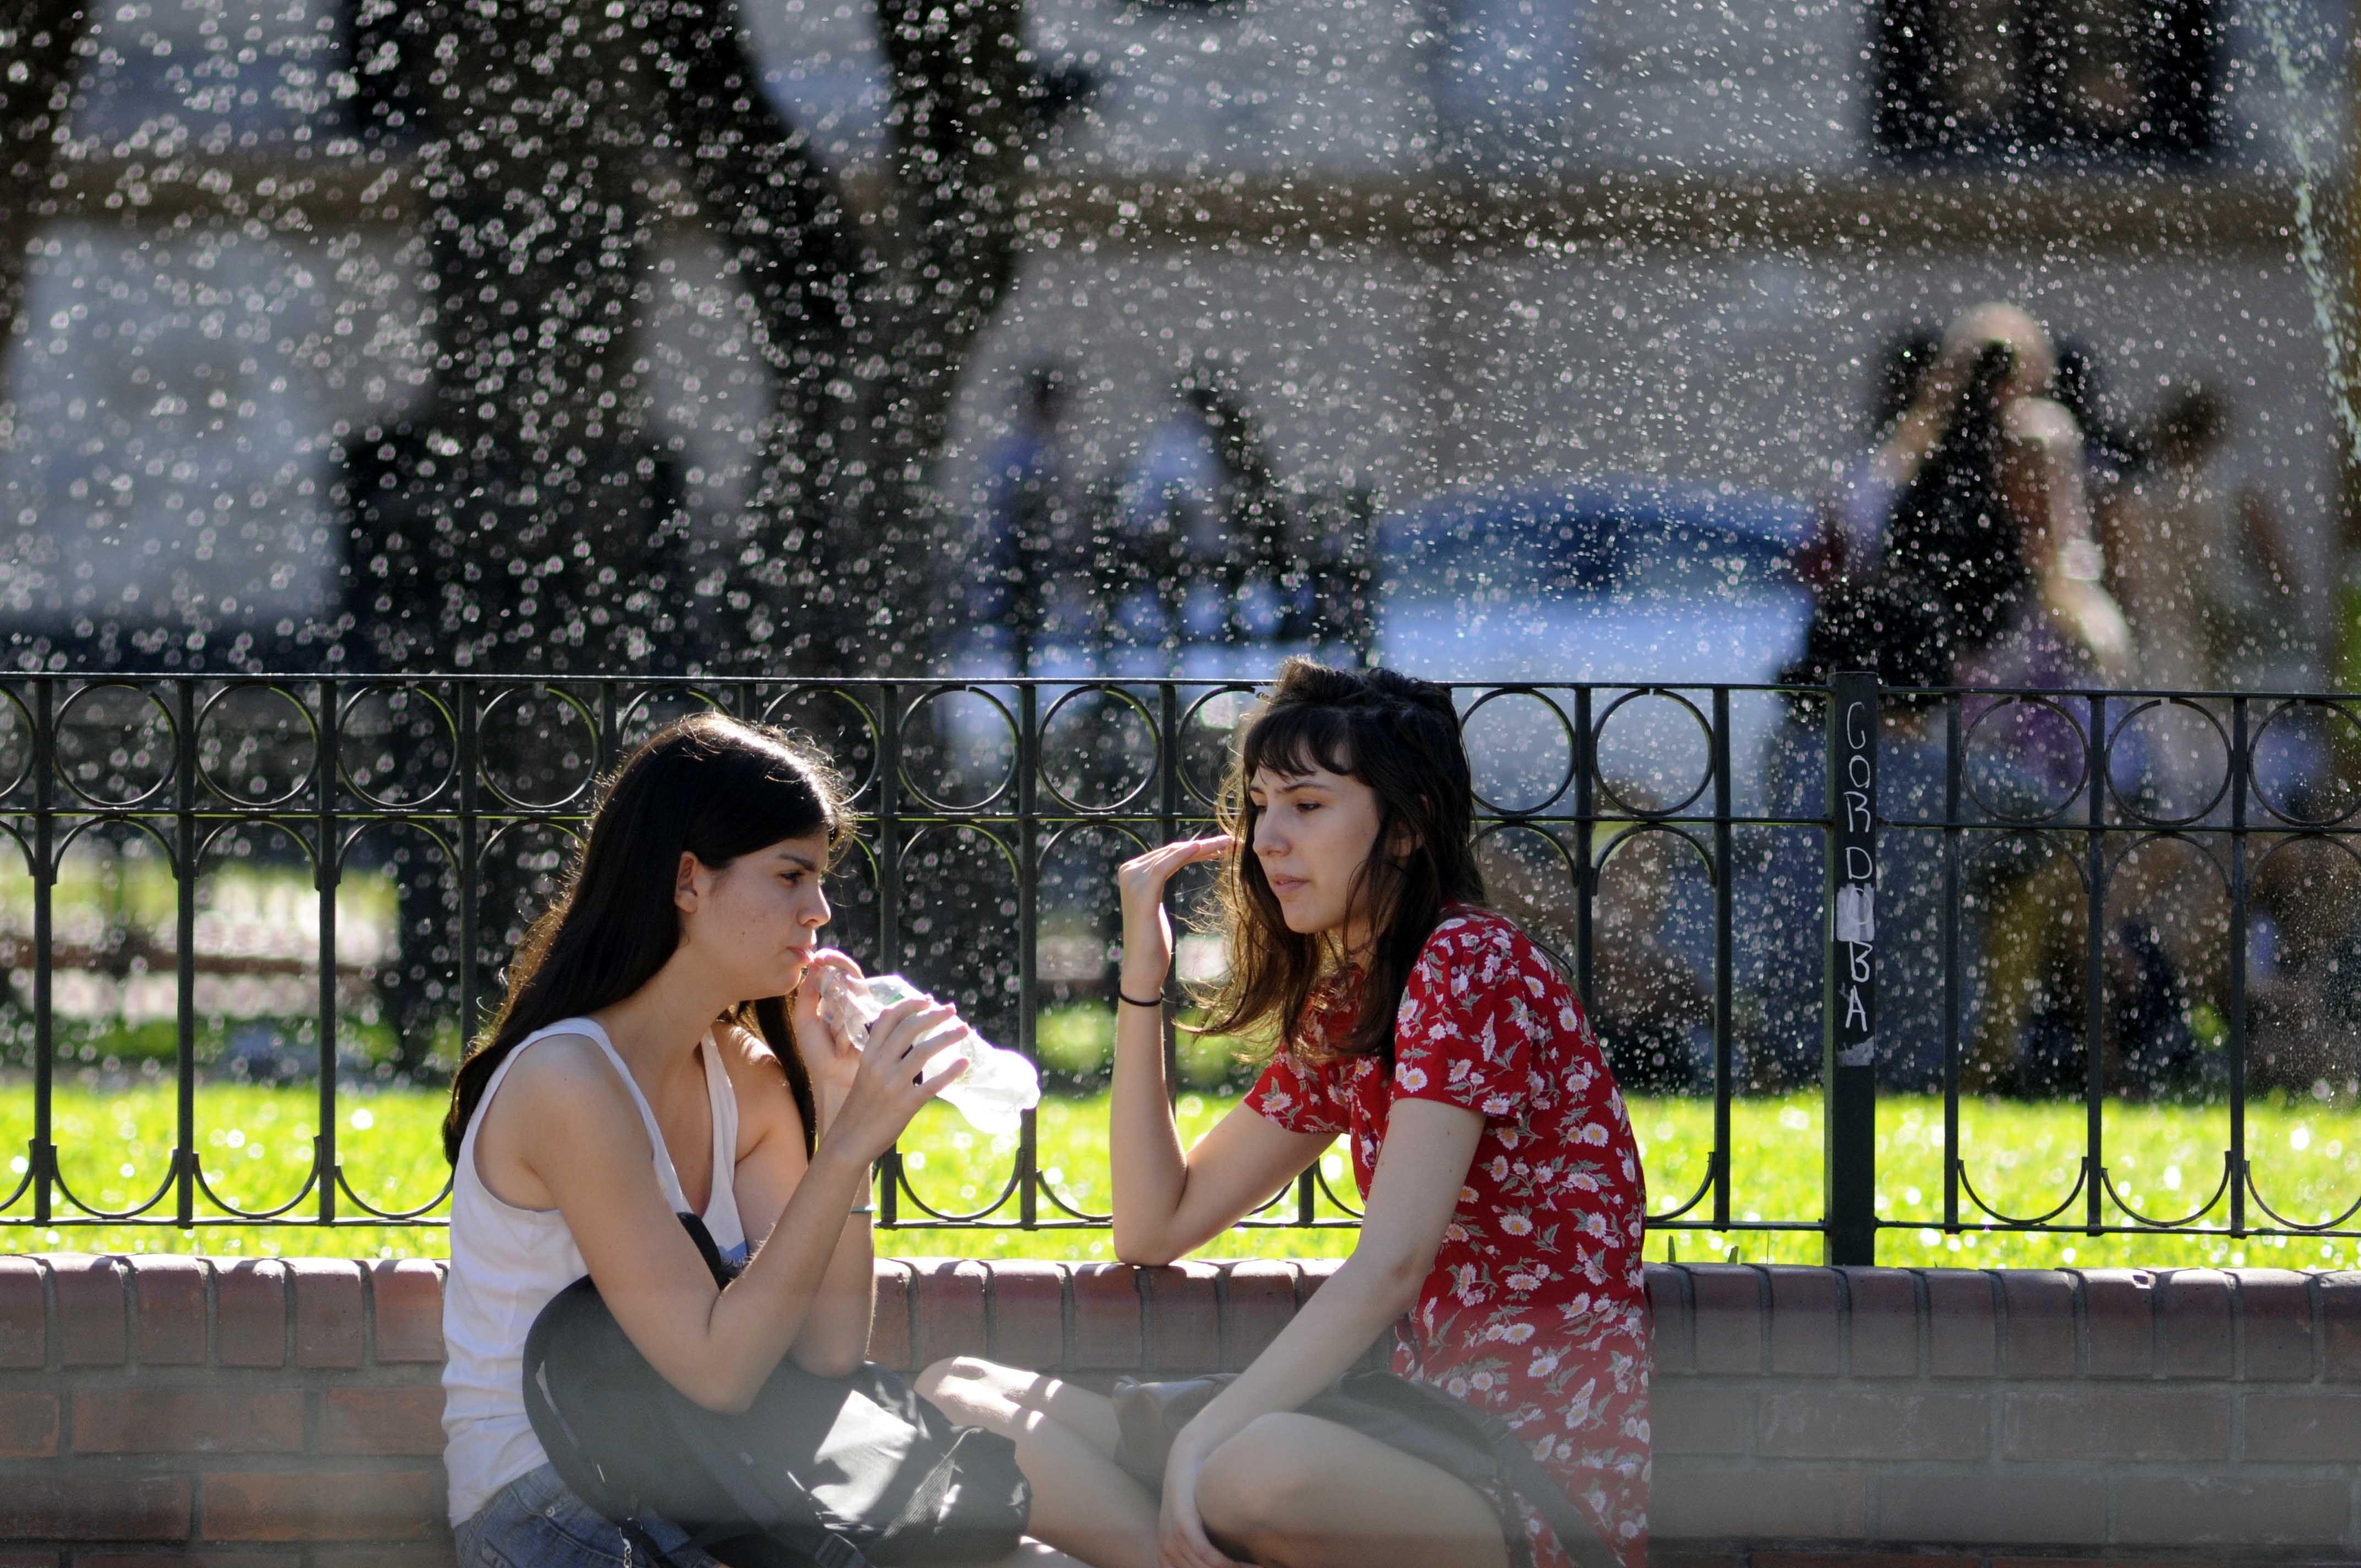 A prepararse: arranca una semana de extremo calor en Capital y GBA